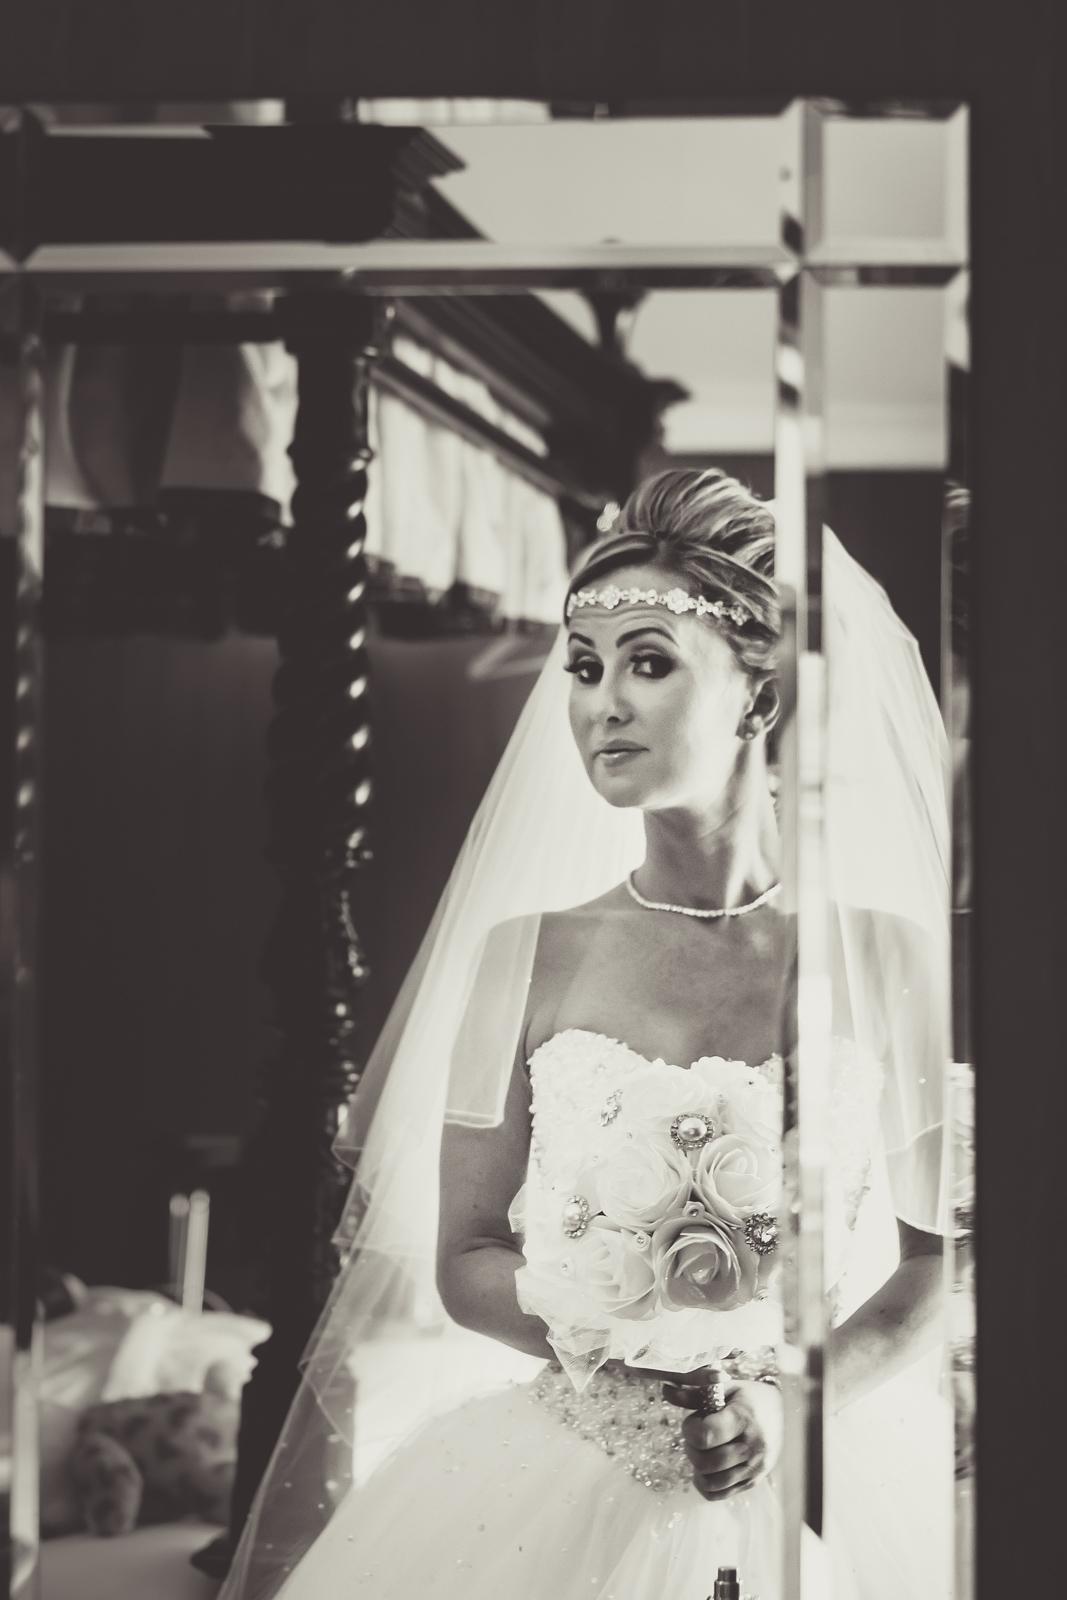 dalmeny-park-glasgow-wedding-dearlyphotography (3 of 16).jpg